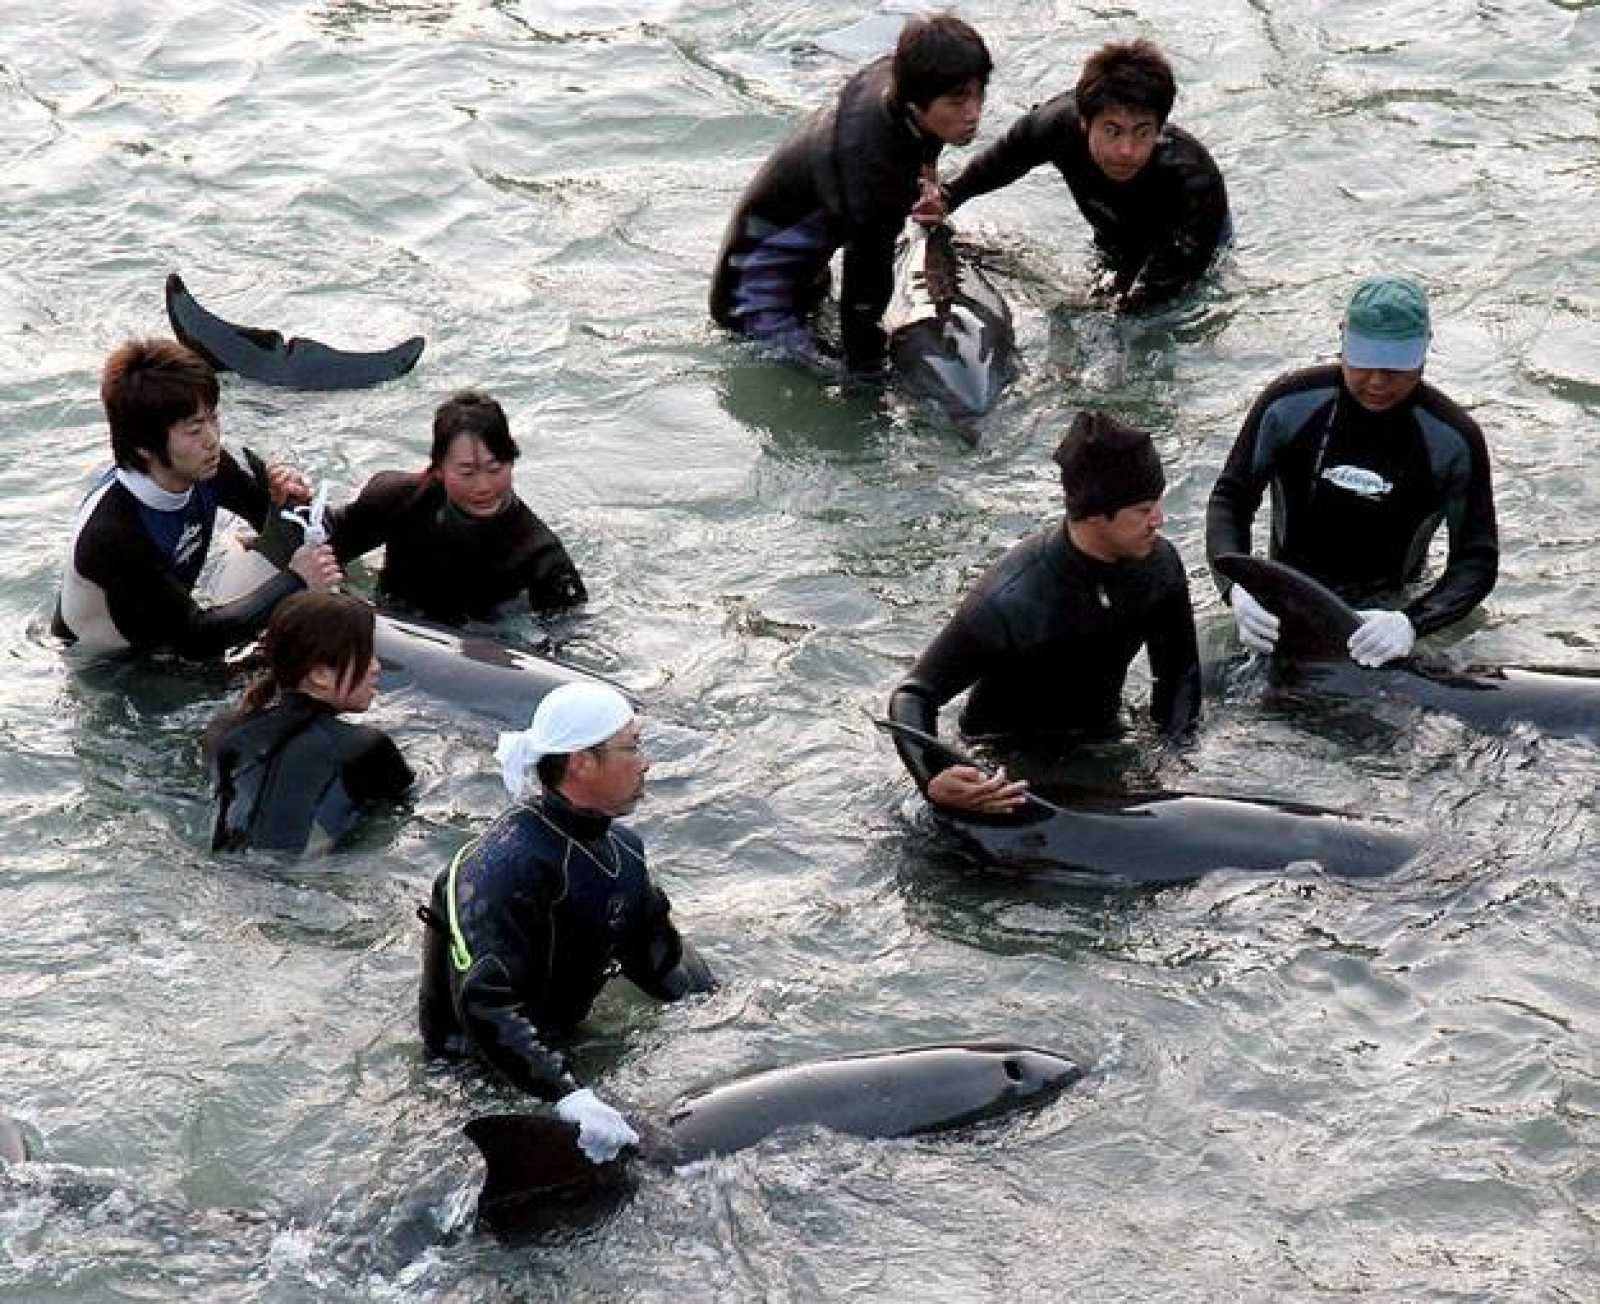 Pescadores locales atrapaban a un grupo de delfines en Taiji, Wakayama, Japón, el jueves 22 de febrero.